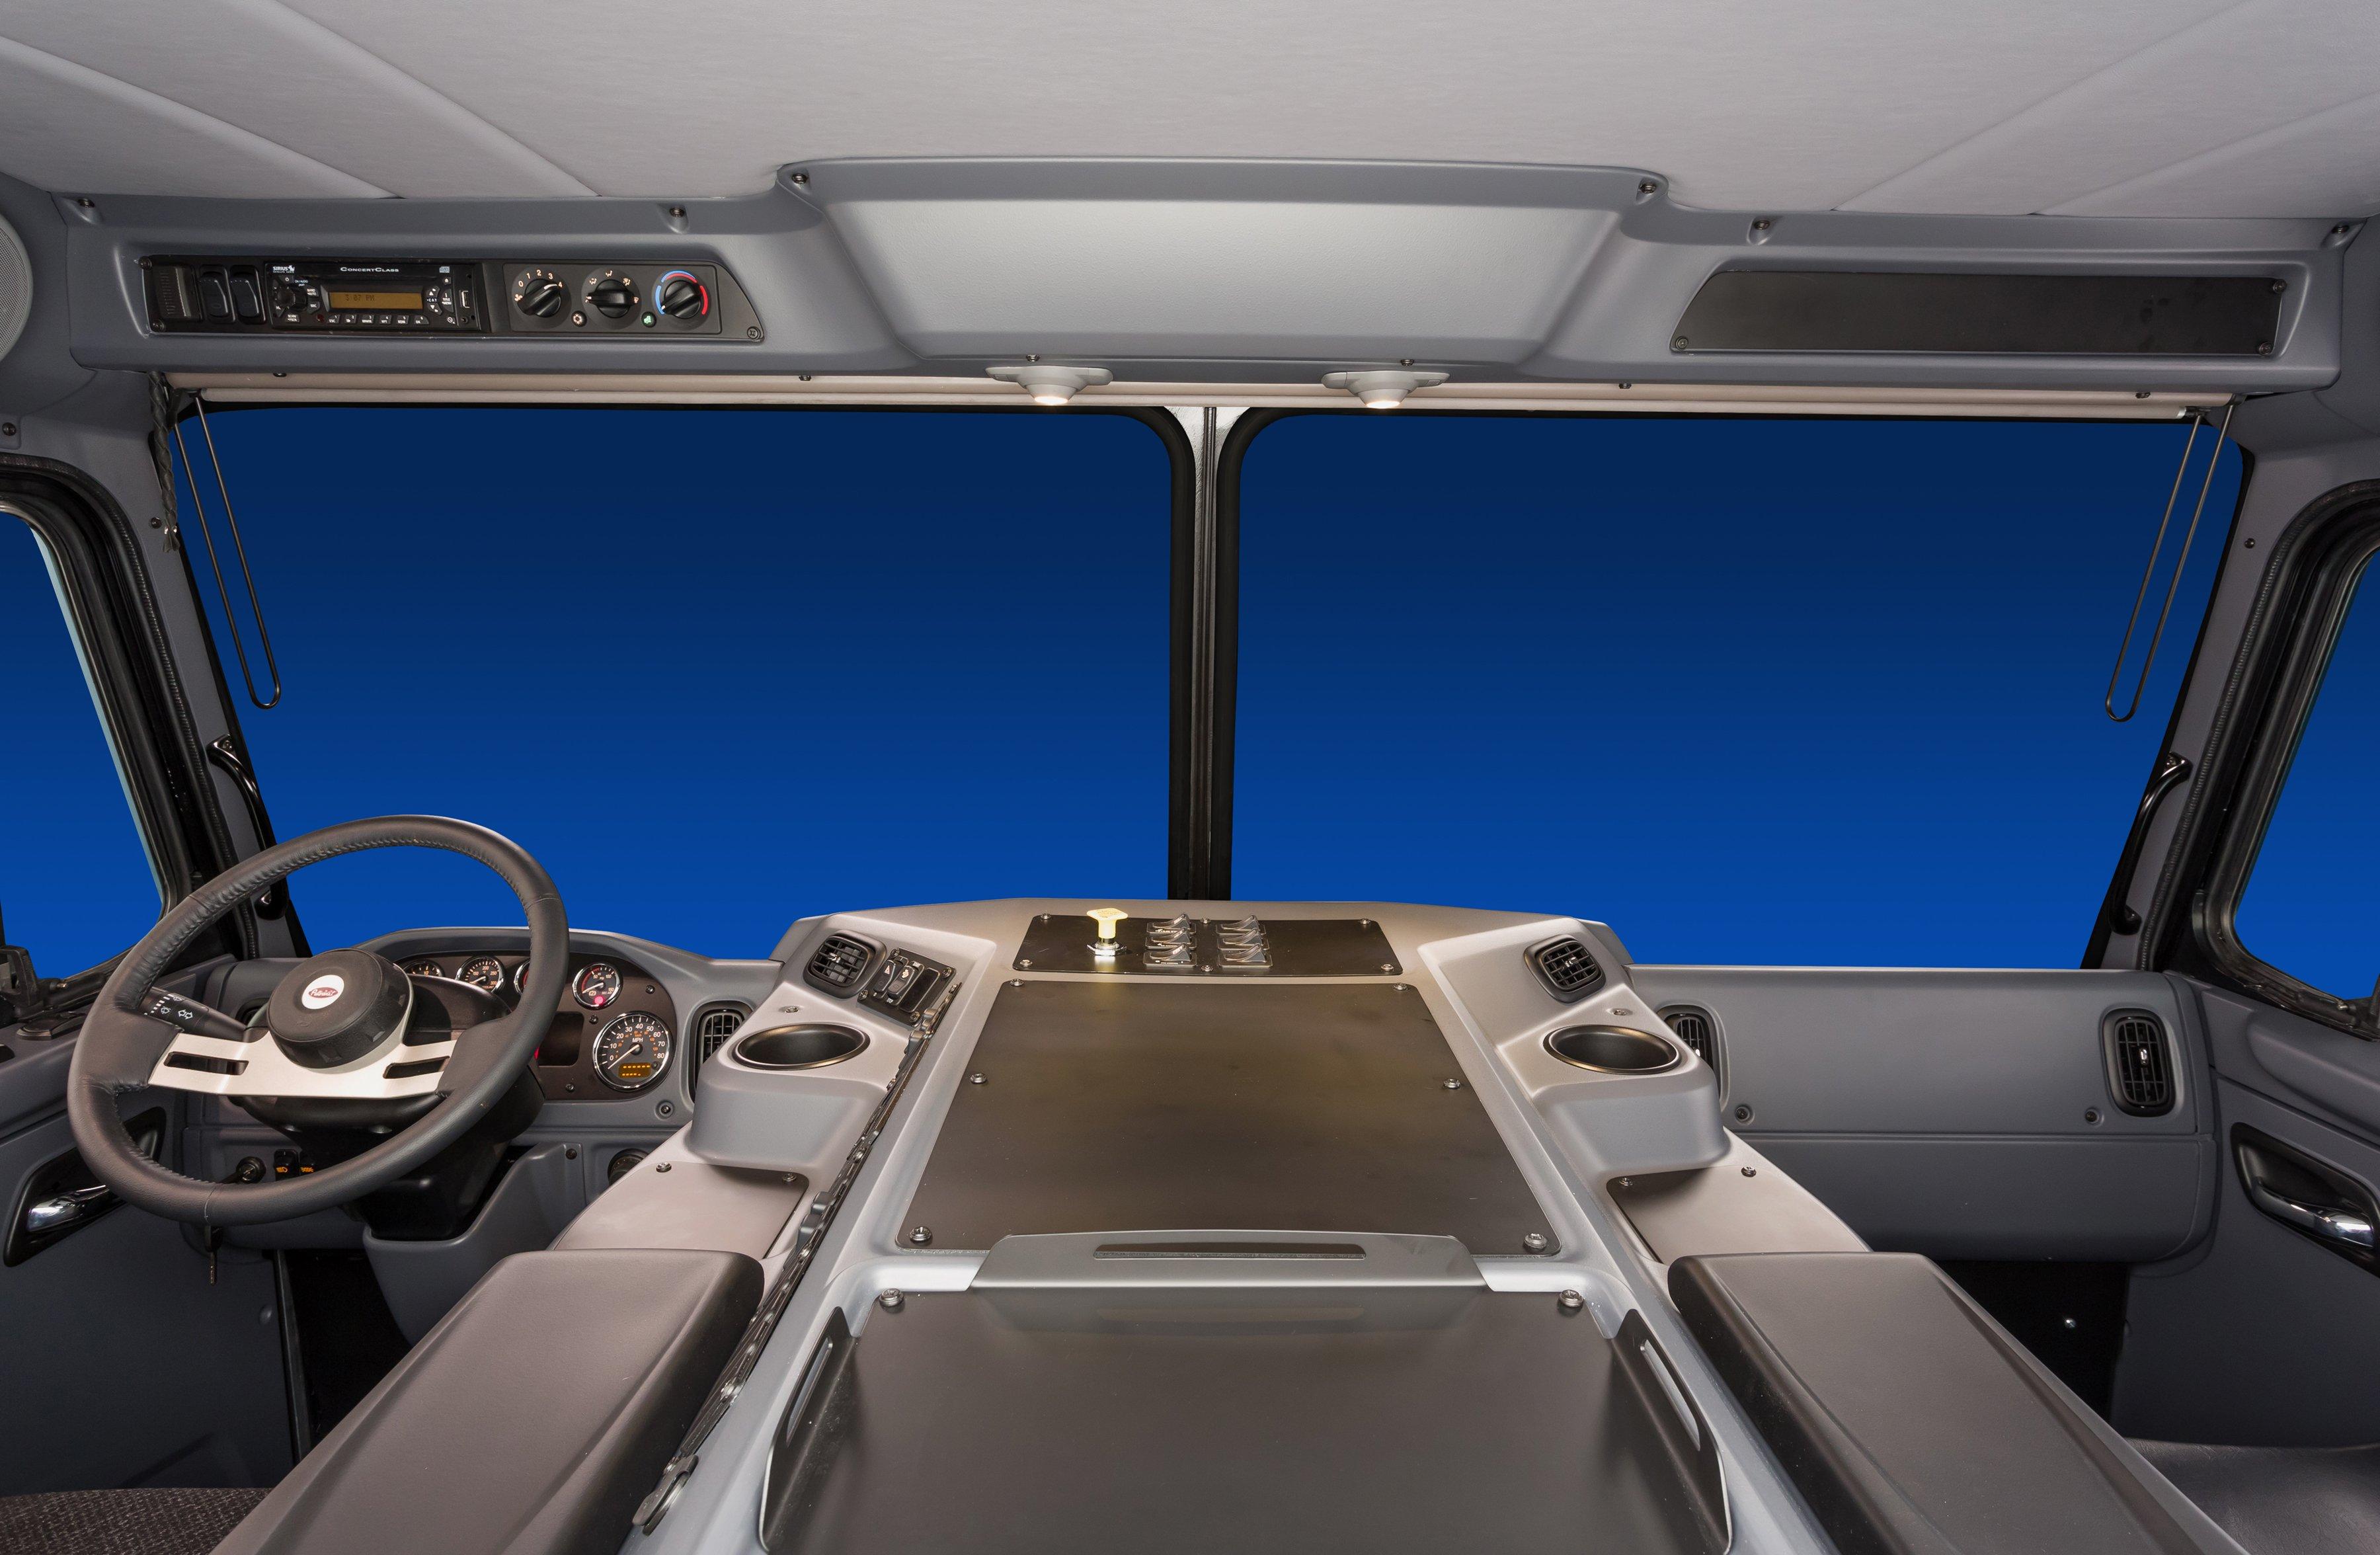 Peterbilt Unveils New Interior for Model 320